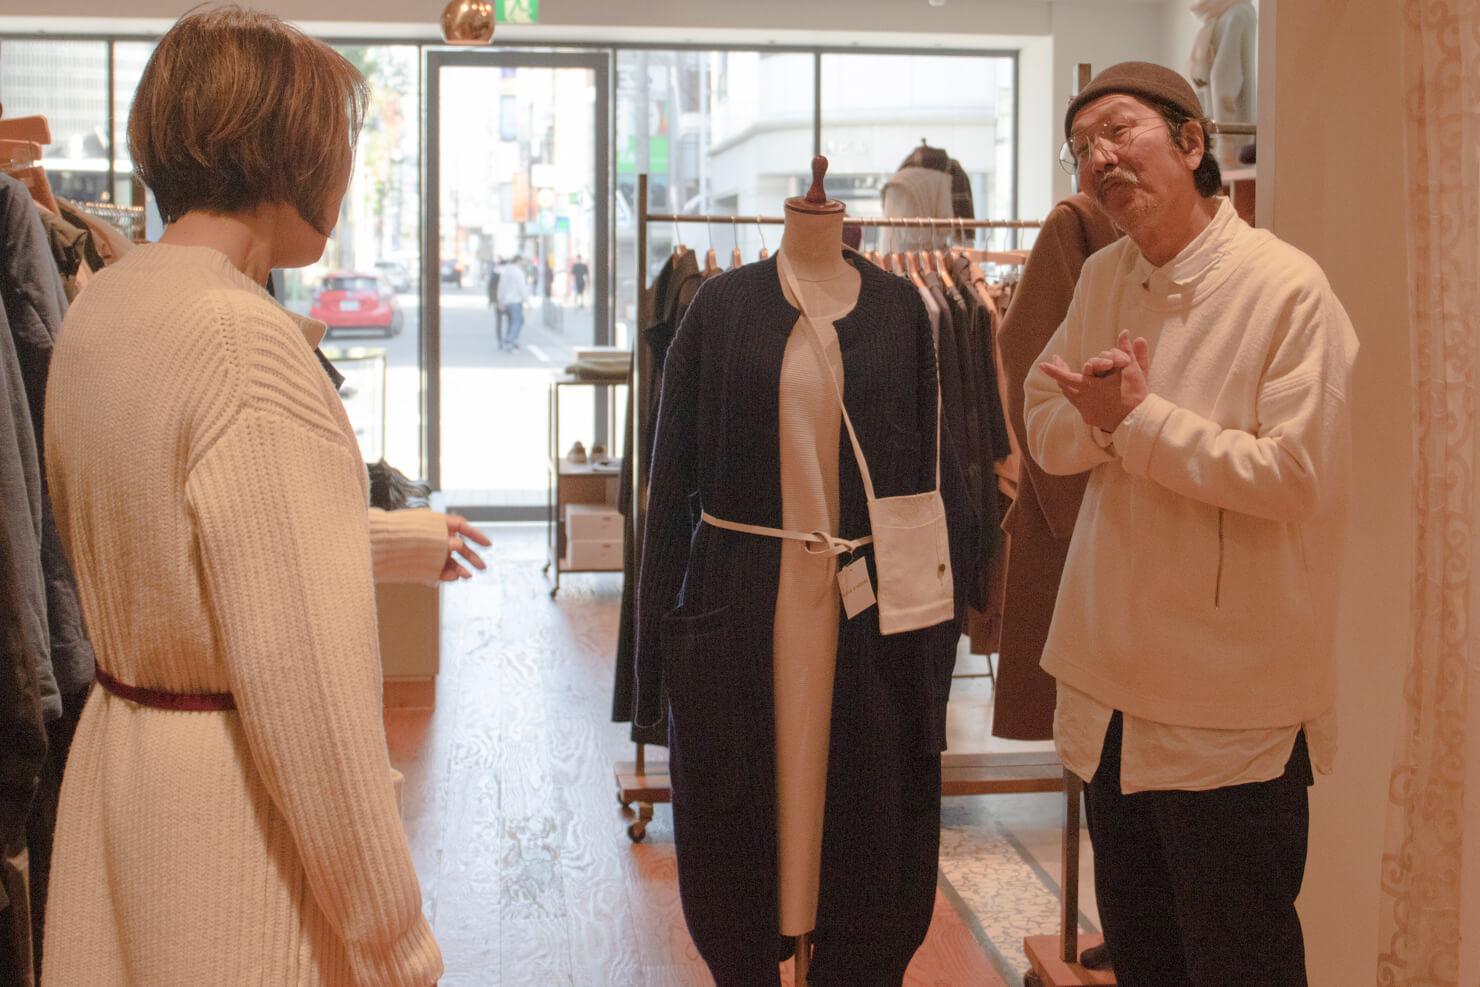 ロングカーディガンを着ているマネキンとの横でオネエポーズをする浅田さんの写真